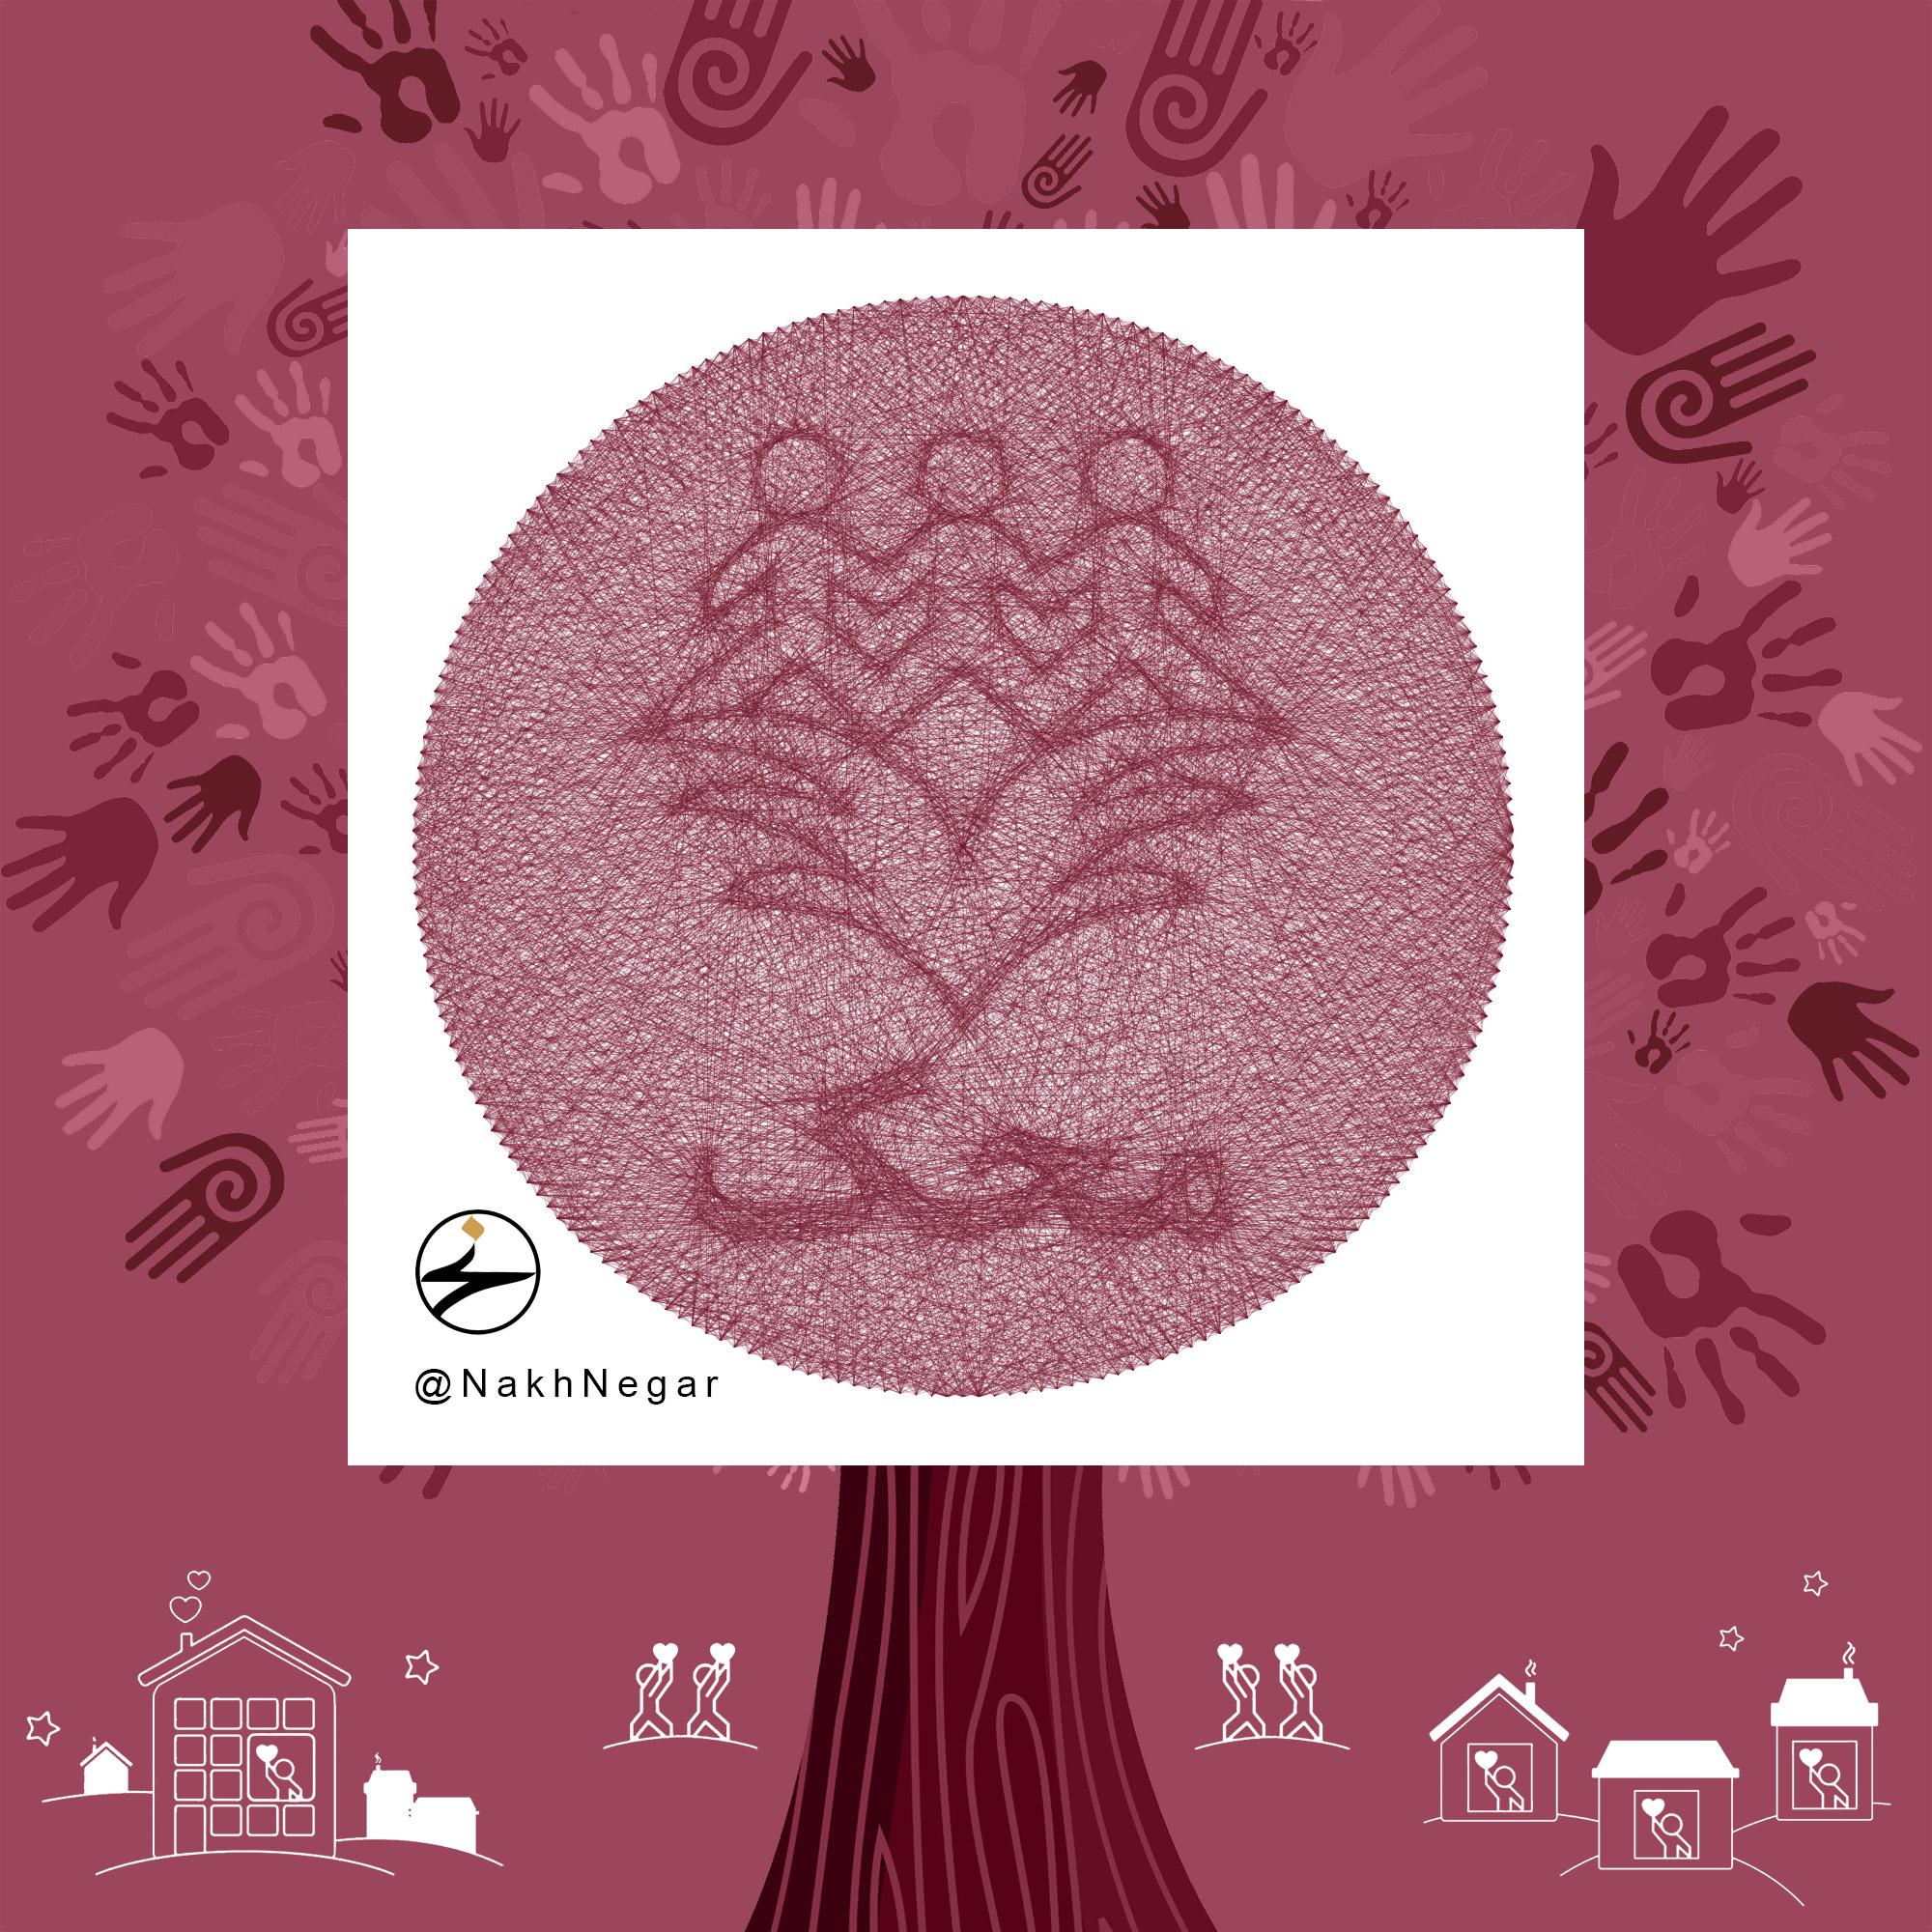 نخ نگار - تابلونخ لوگو موسسه خیریه حمایت از کودکان مبتلا به سرطان محک